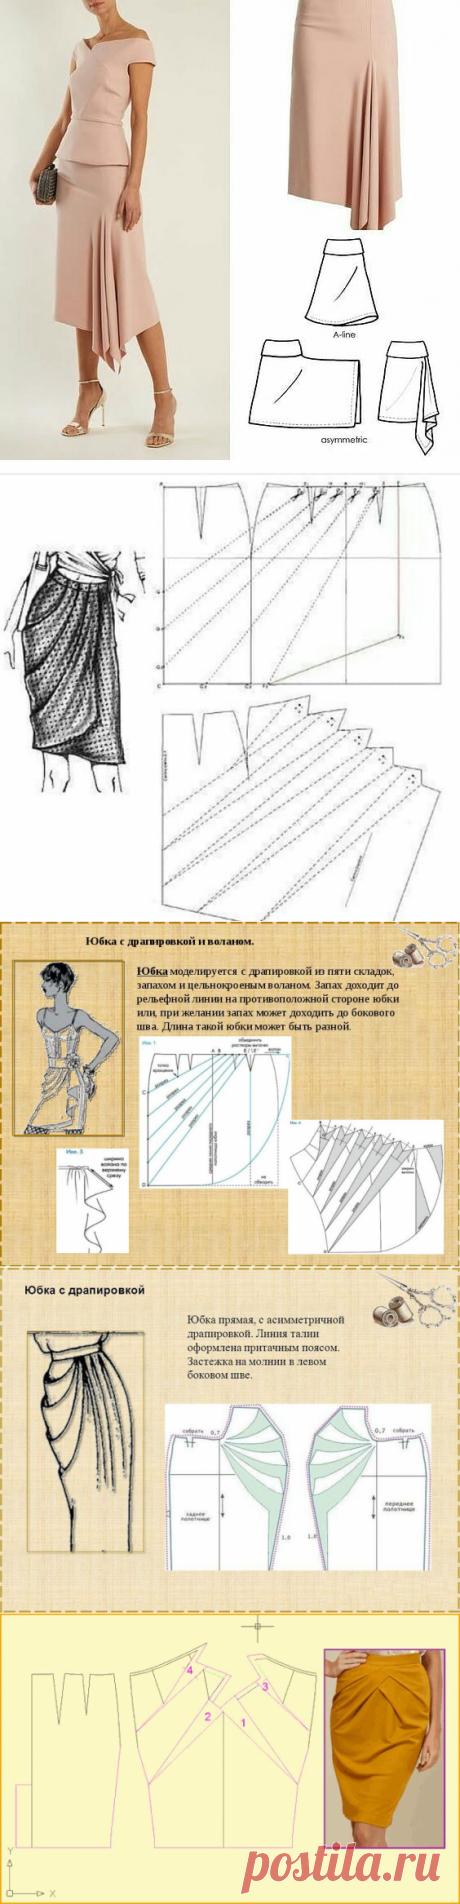 Моделирование трикотажной юбки с драпировкой — DIYIdeas